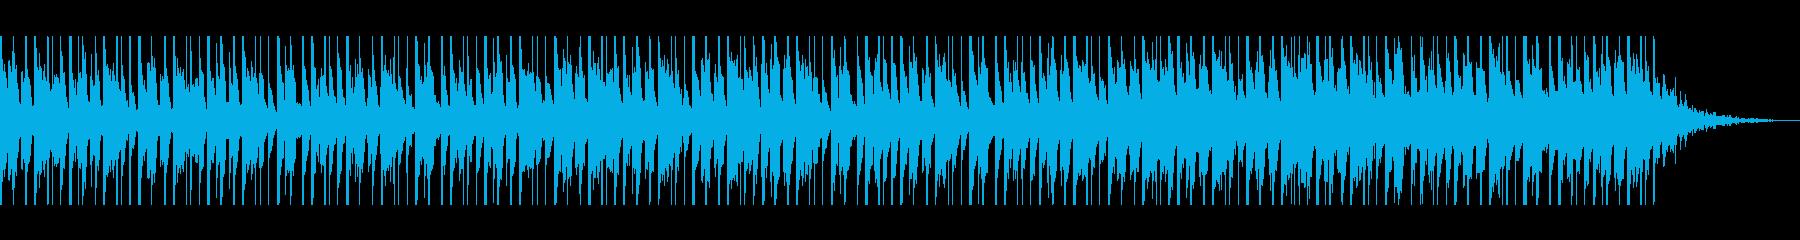 アラビア語(60秒)の再生済みの波形